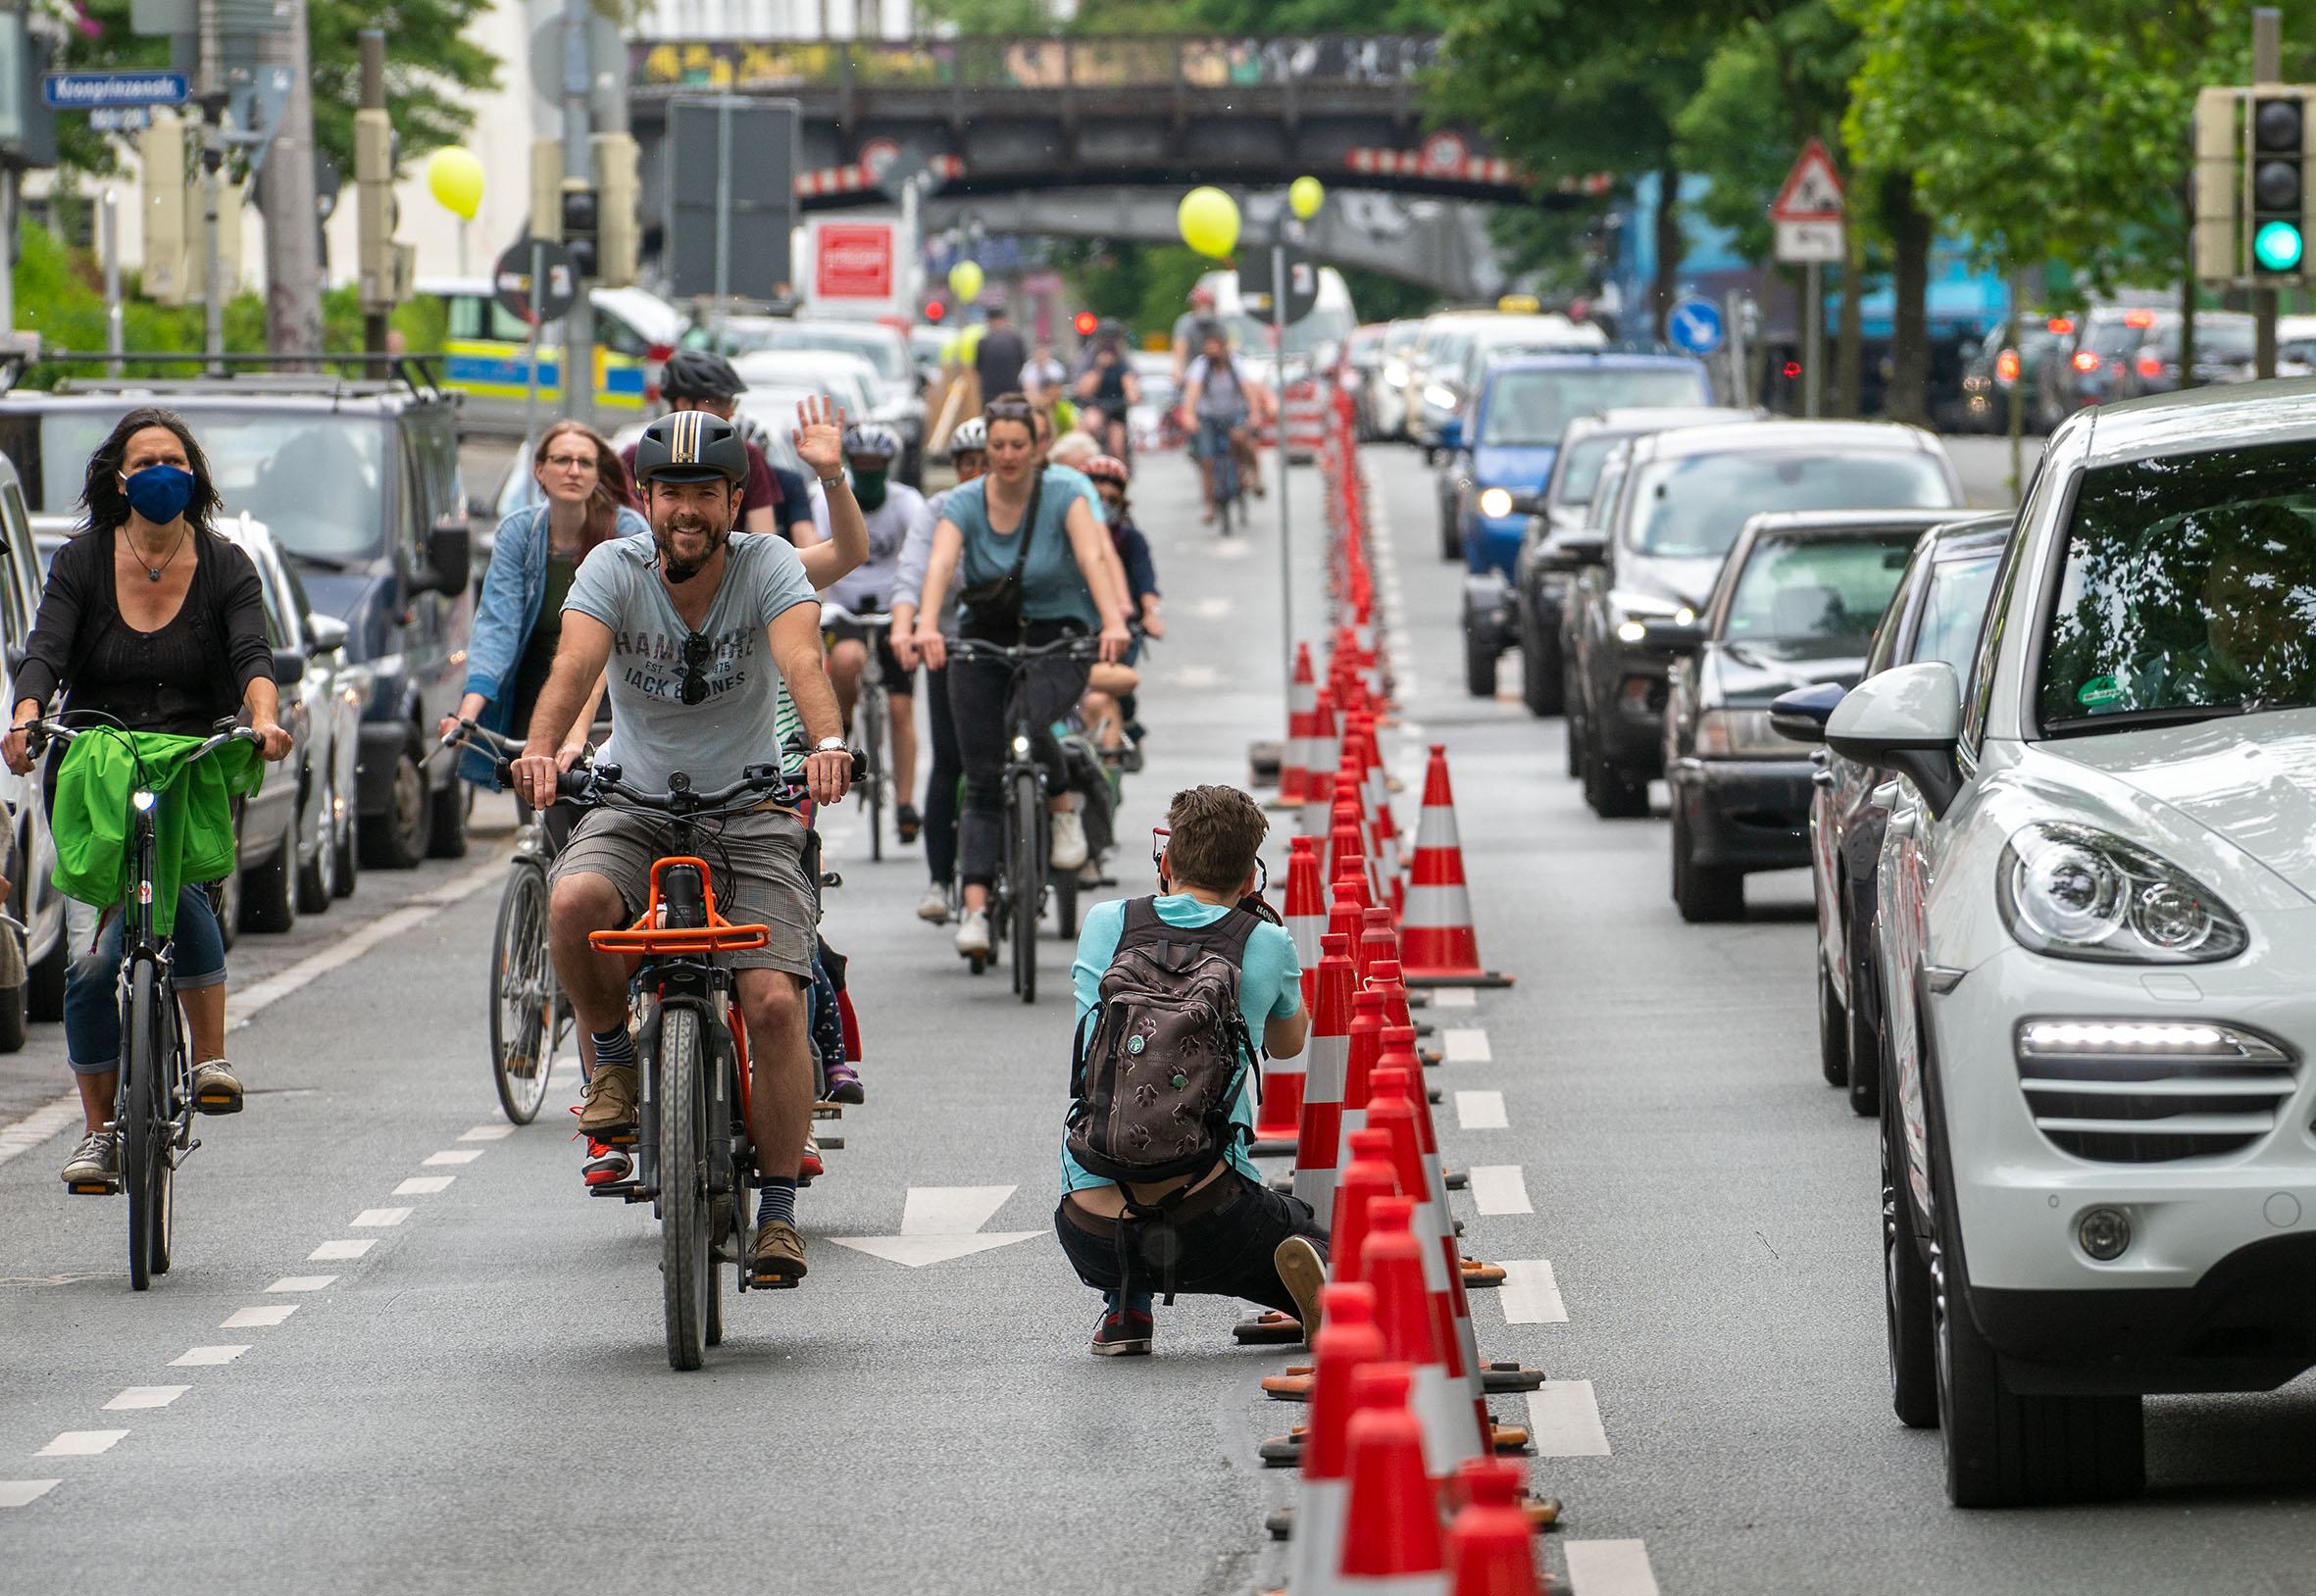 """Einen temporärer Radfahrstreifen - eine """"PopUp-Lane"""" - gab es auf dem Heiligen Weg. Fotos: Klaus Hartmann"""